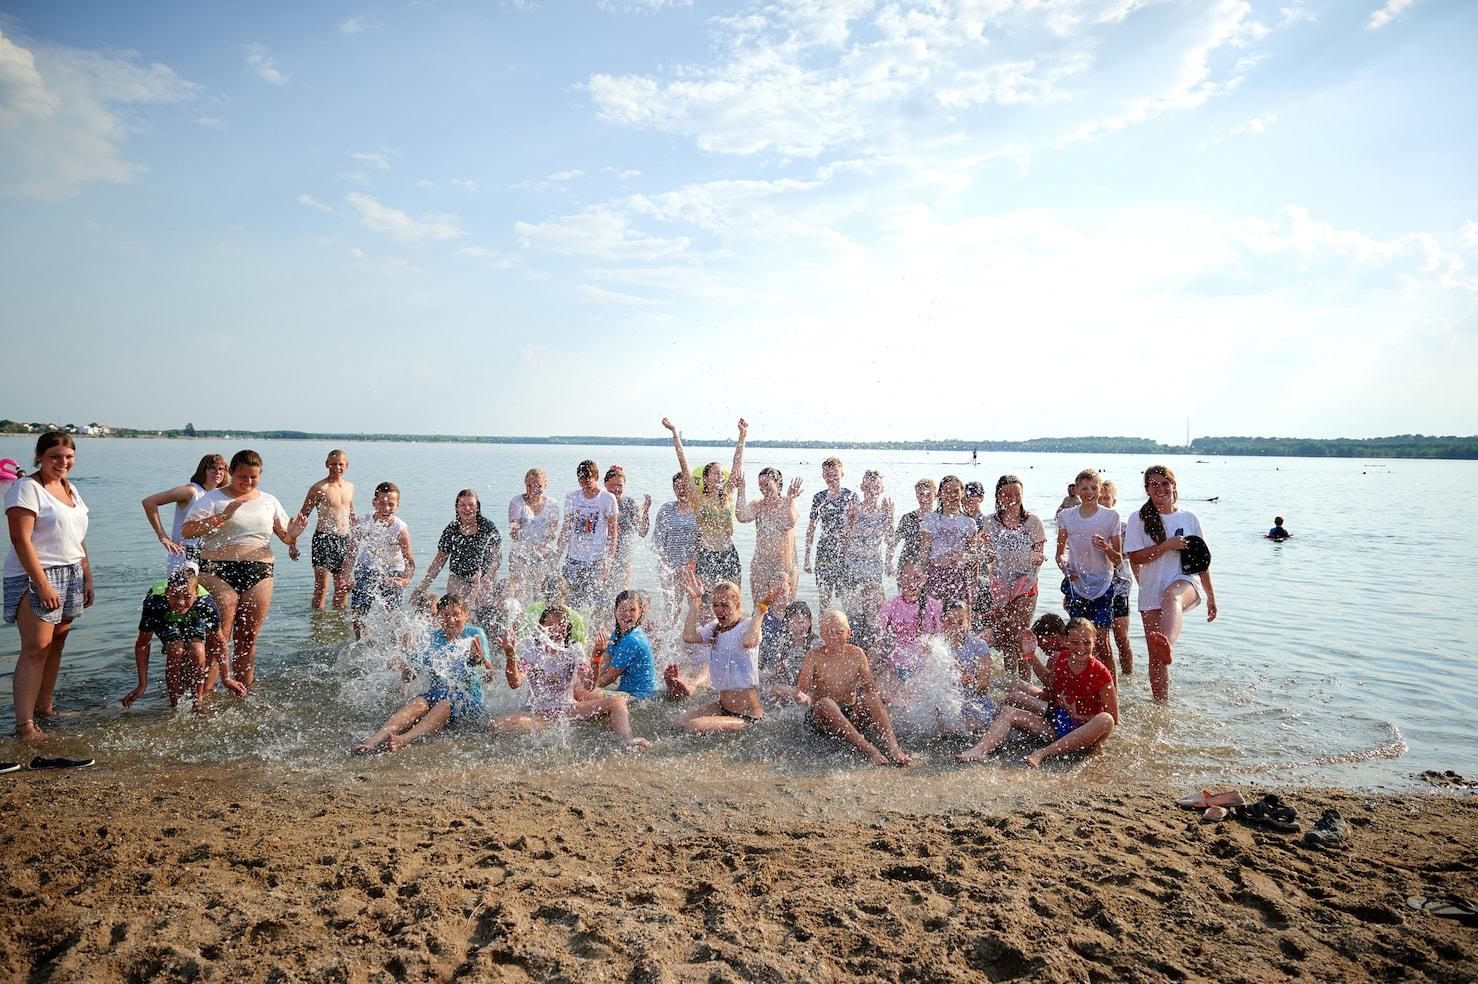 team_watersport_kids_games 170-min.jpg